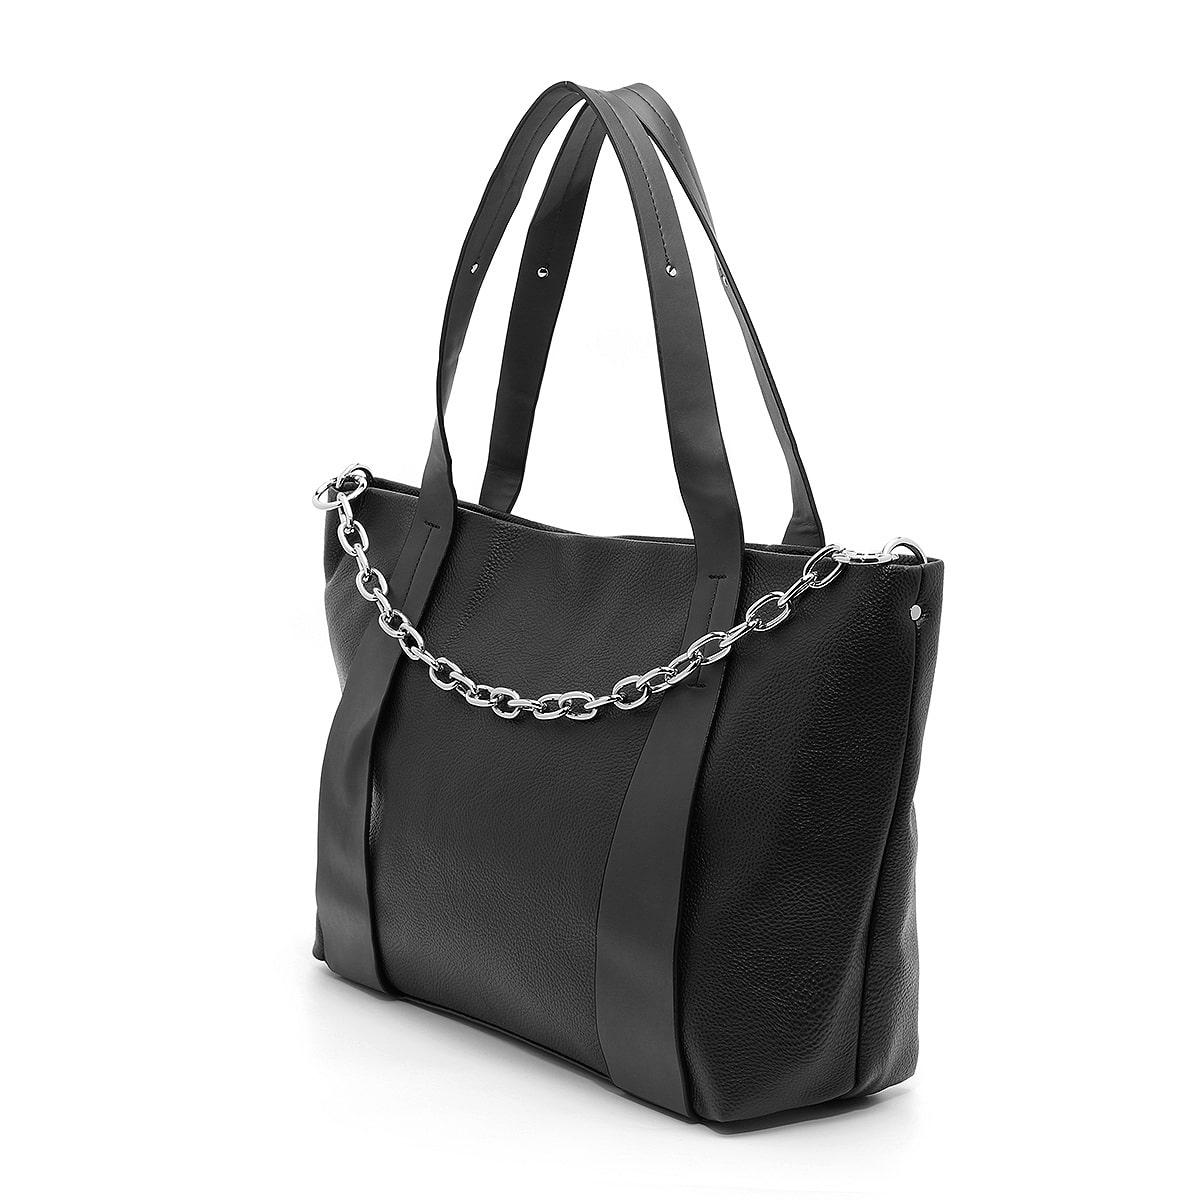 דגם לין: תיק צד גדול לנשים בצבע שחור